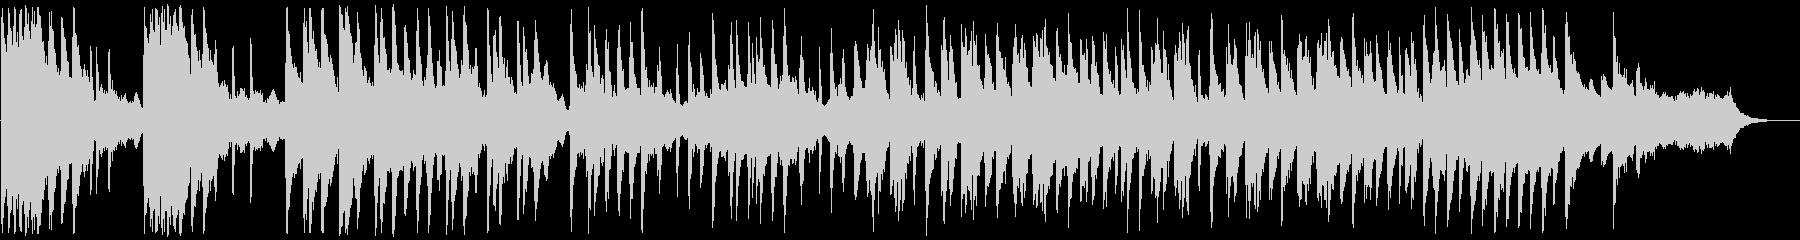 短めのピコピコBGM チップチューンの未再生の波形